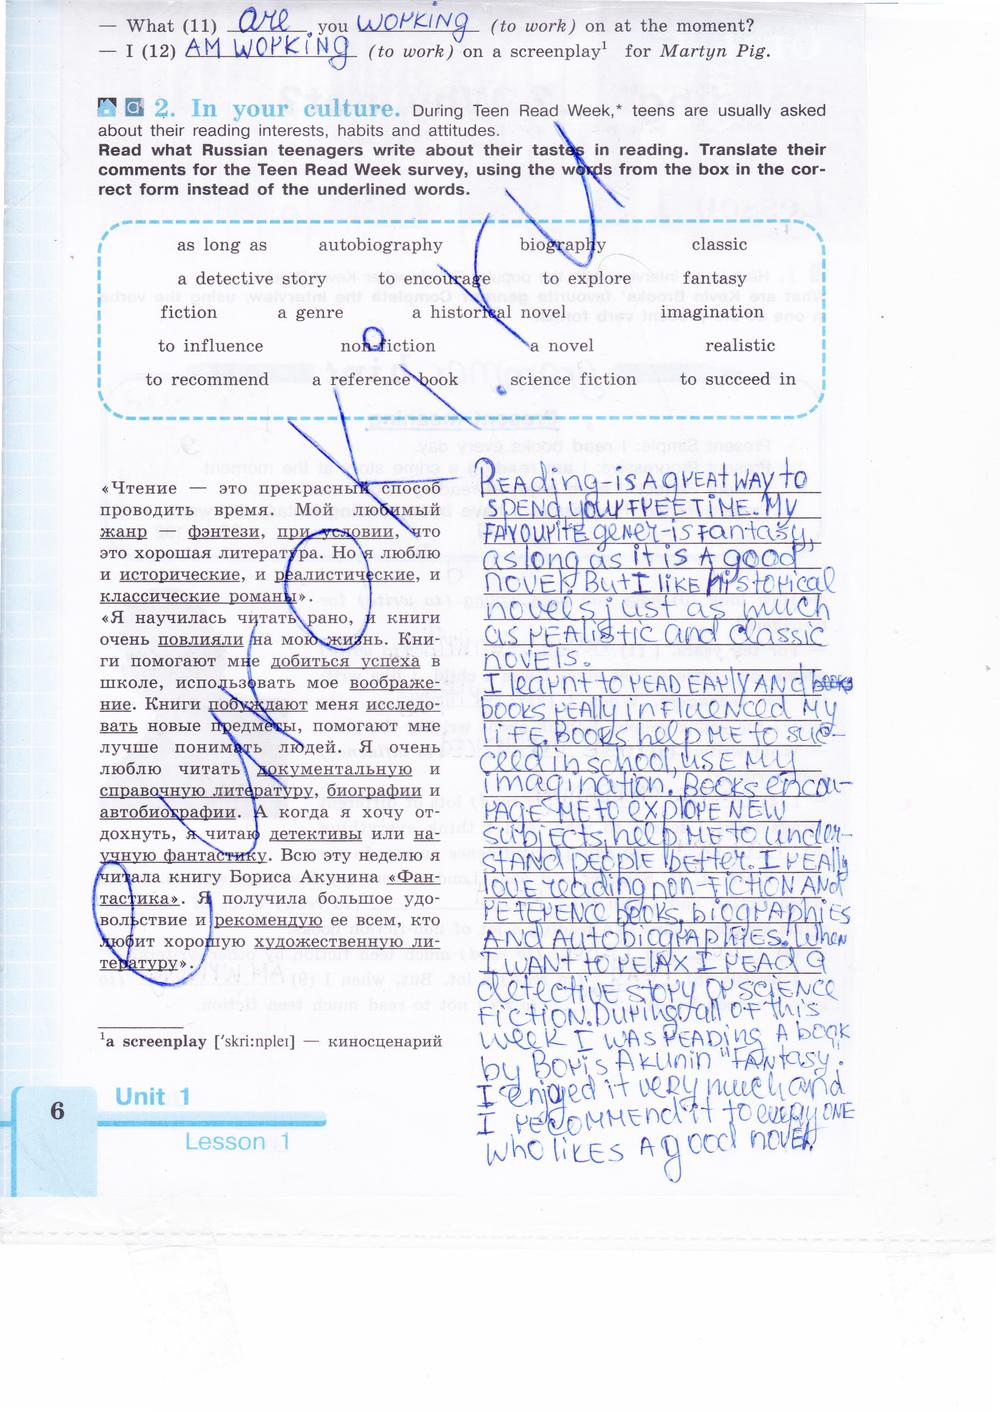 Домашнее задание английский язык 8 класс кузовлев лапа перегудова 15-е издание